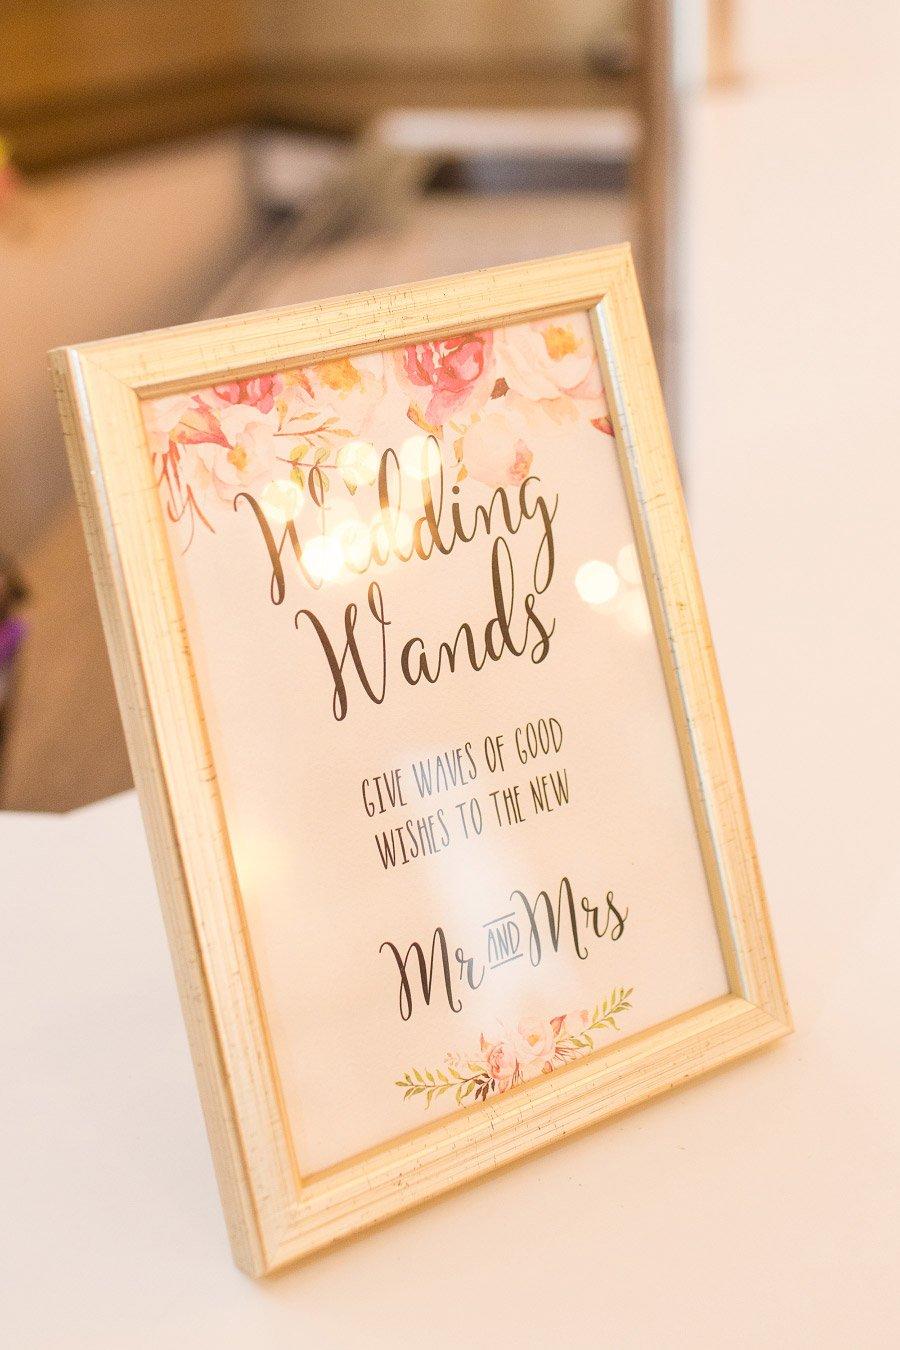 Schild für Wedding Wands